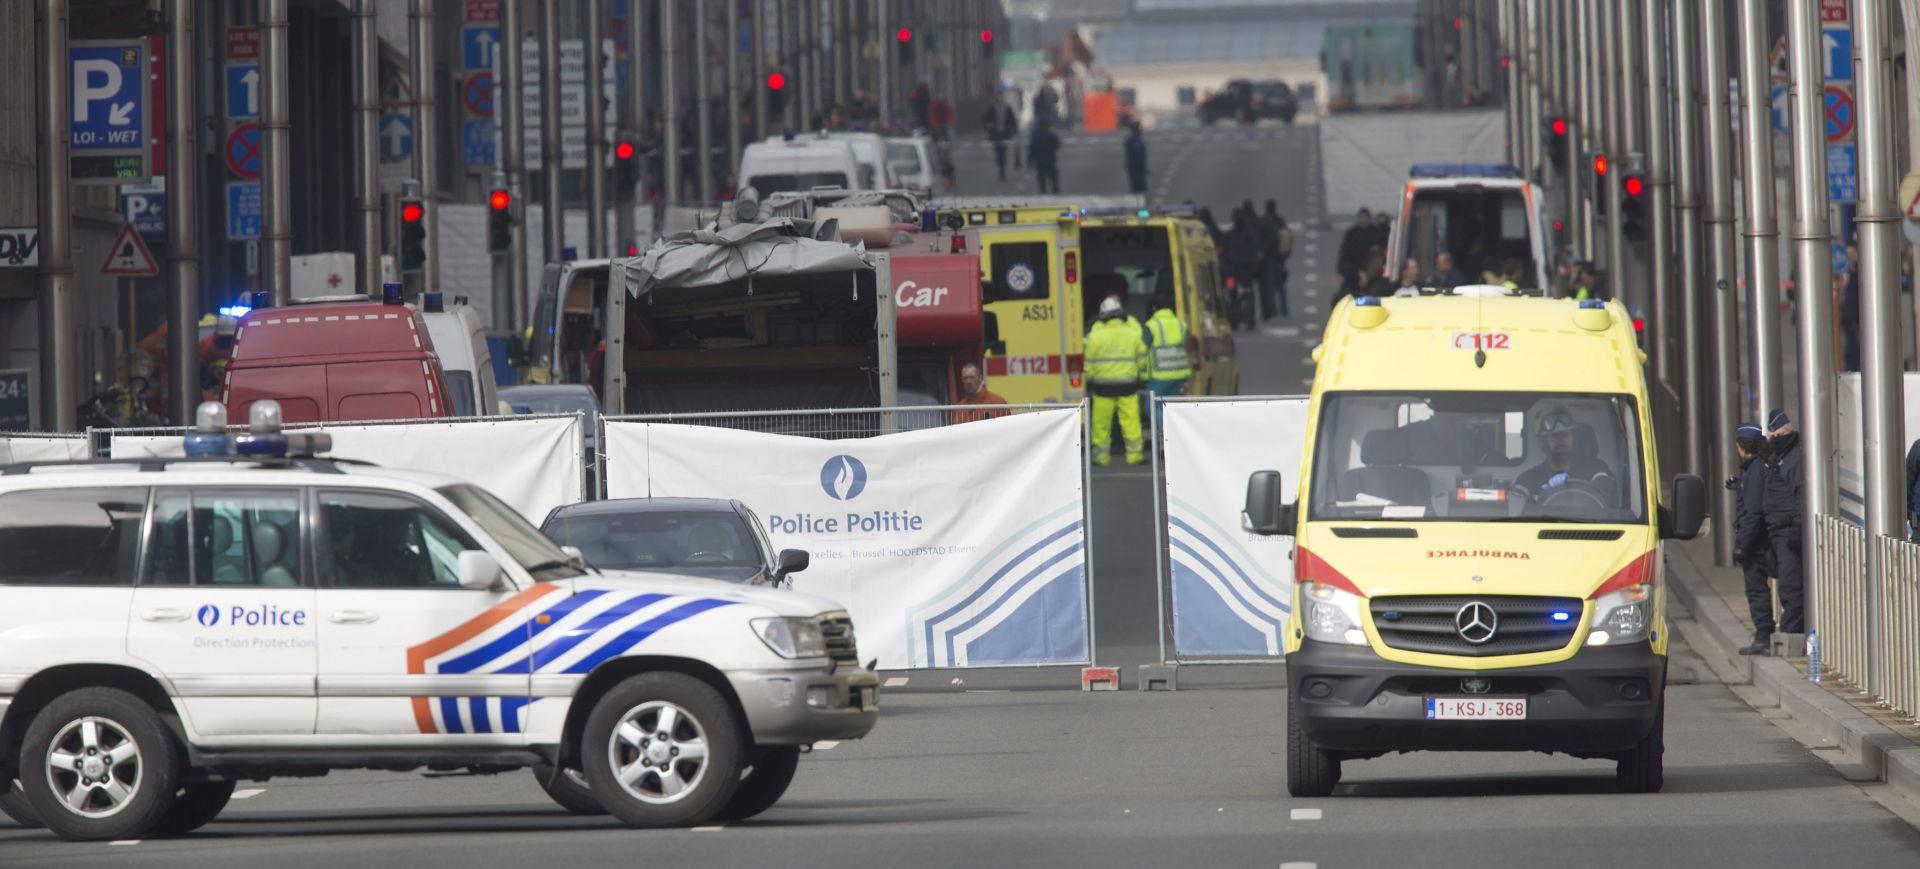 NOVI TRAGOVI:  Teroristi planirali napad većih razmjera?